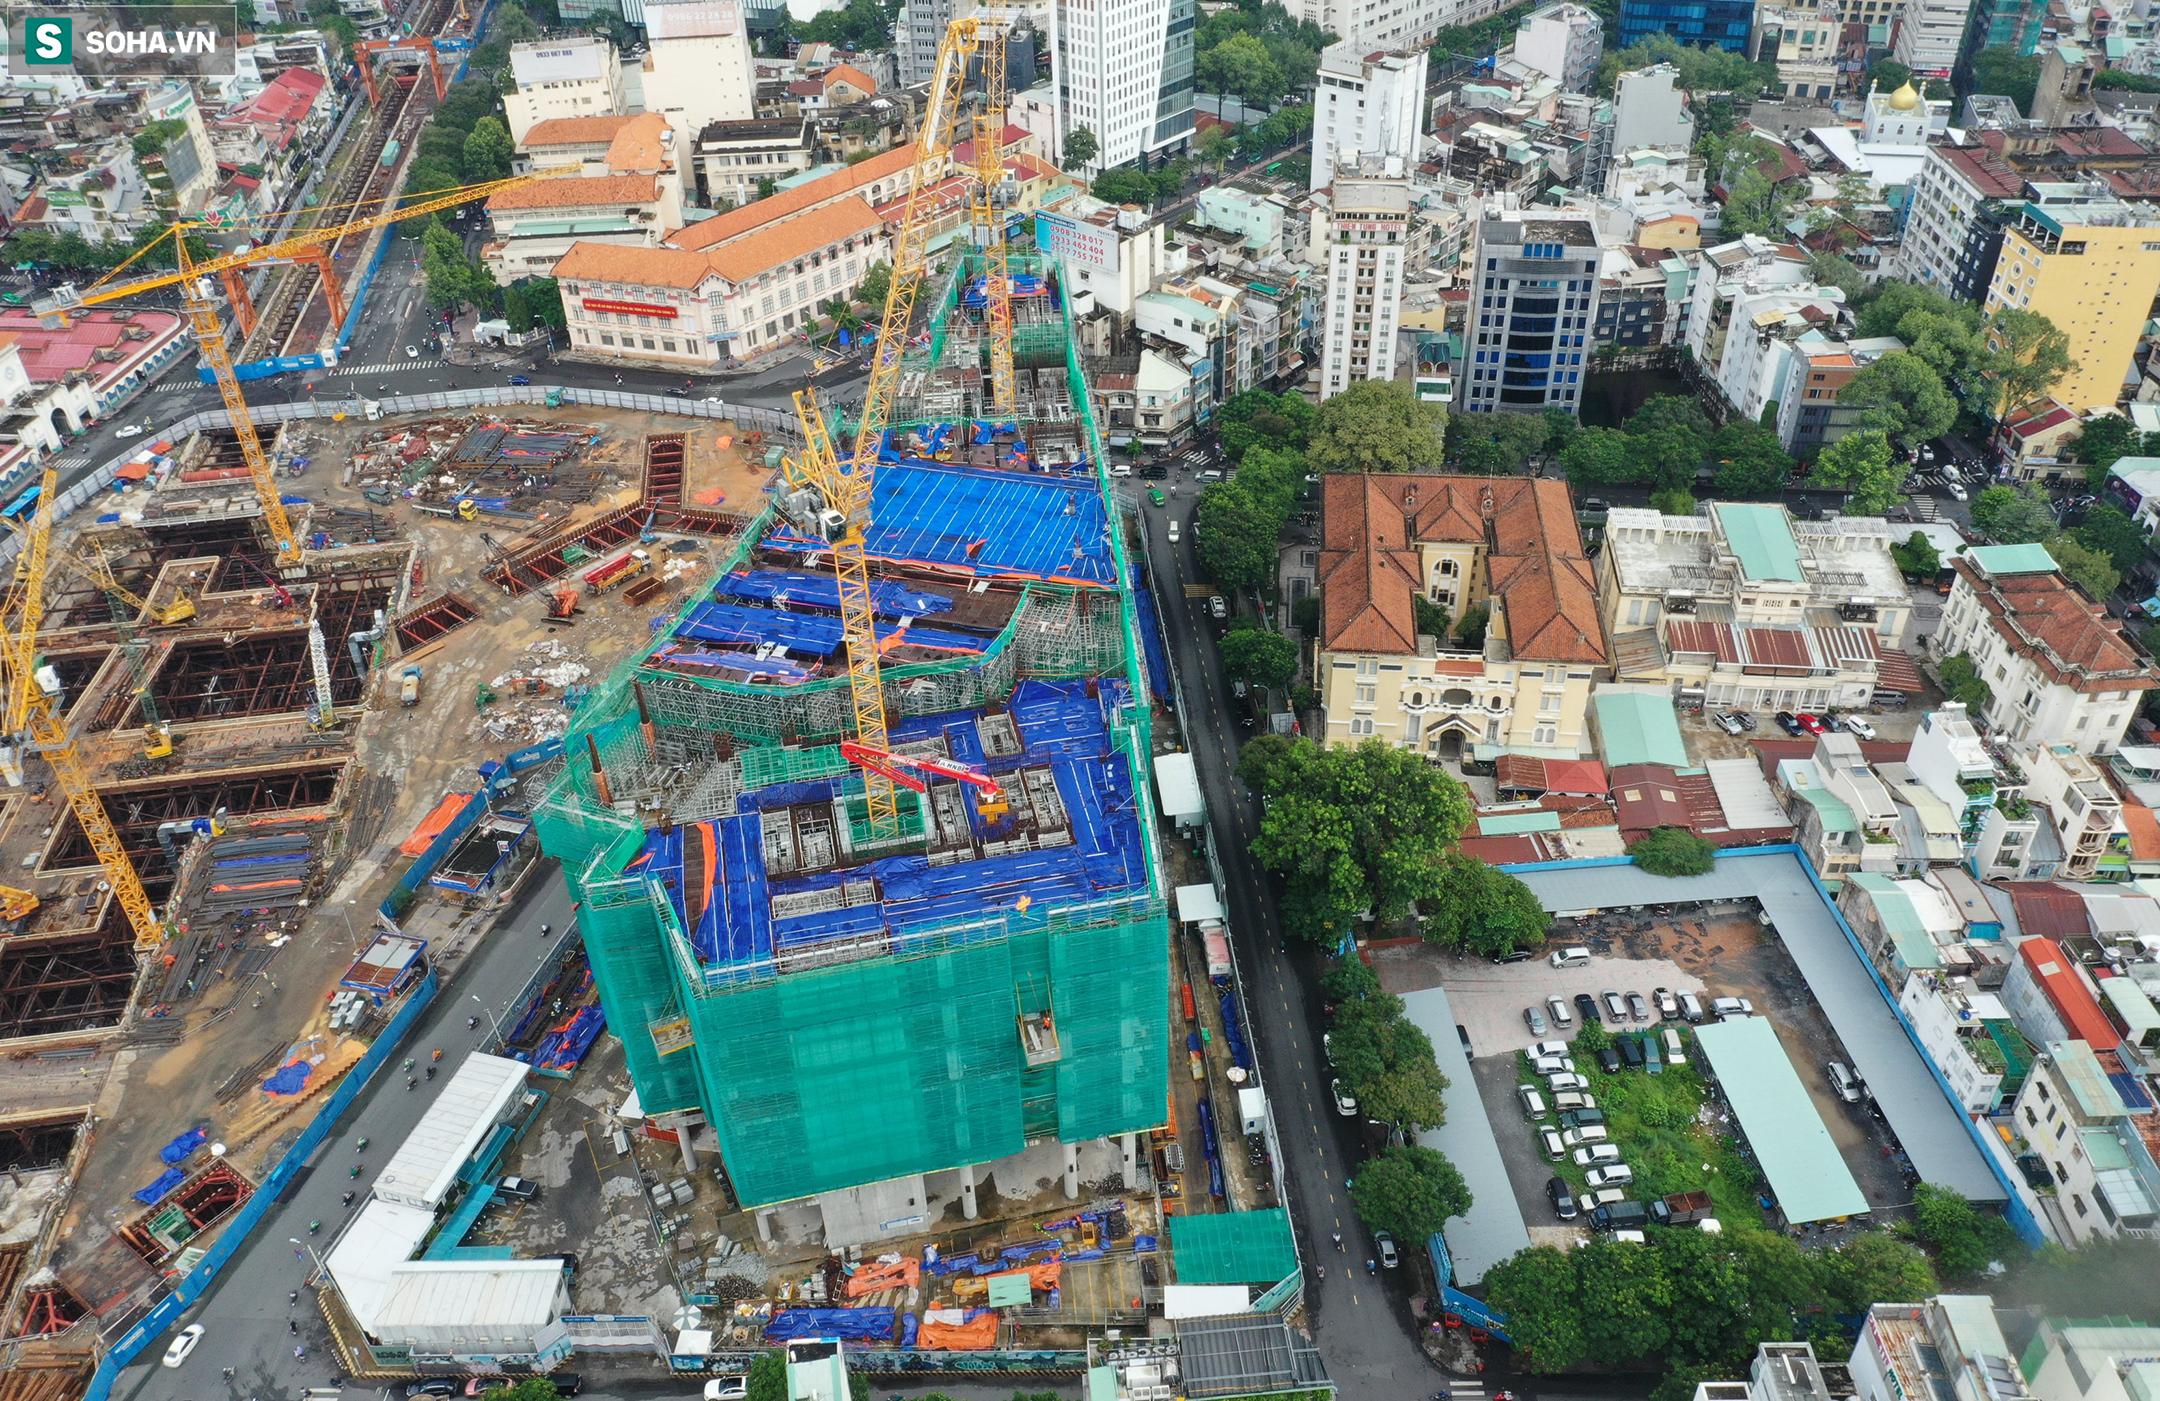 Dự án tứ giác Bến Thành có vị trí đắc địa bậc nhất TP.HCM thi công gây lún nứt Bảo tàng Mỹ thuật - Ảnh 17.